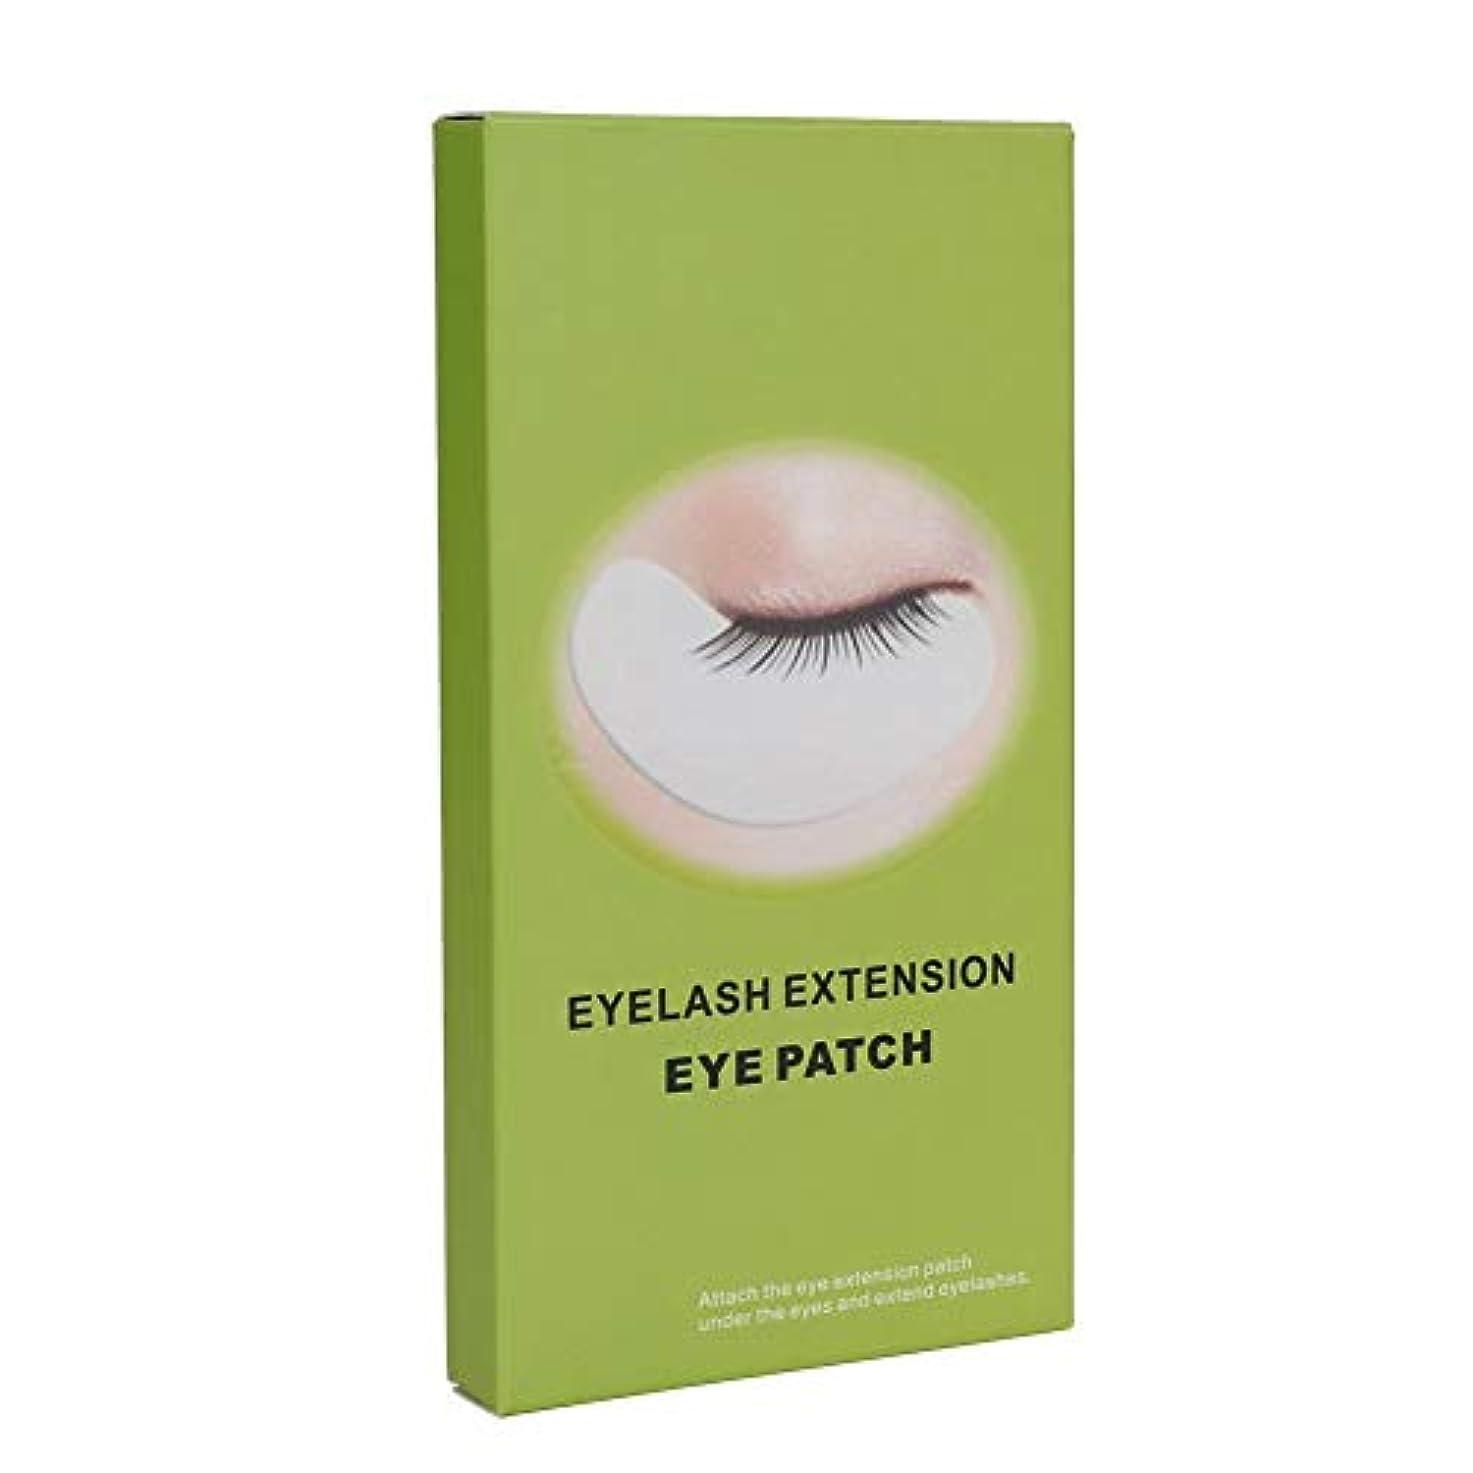 エリート机共同選択10対のまつげパッド - プロのアイジェルパッチ、DIYつけまつげエクステ化粧品 - 拡張アイエクステンションまつげ美容